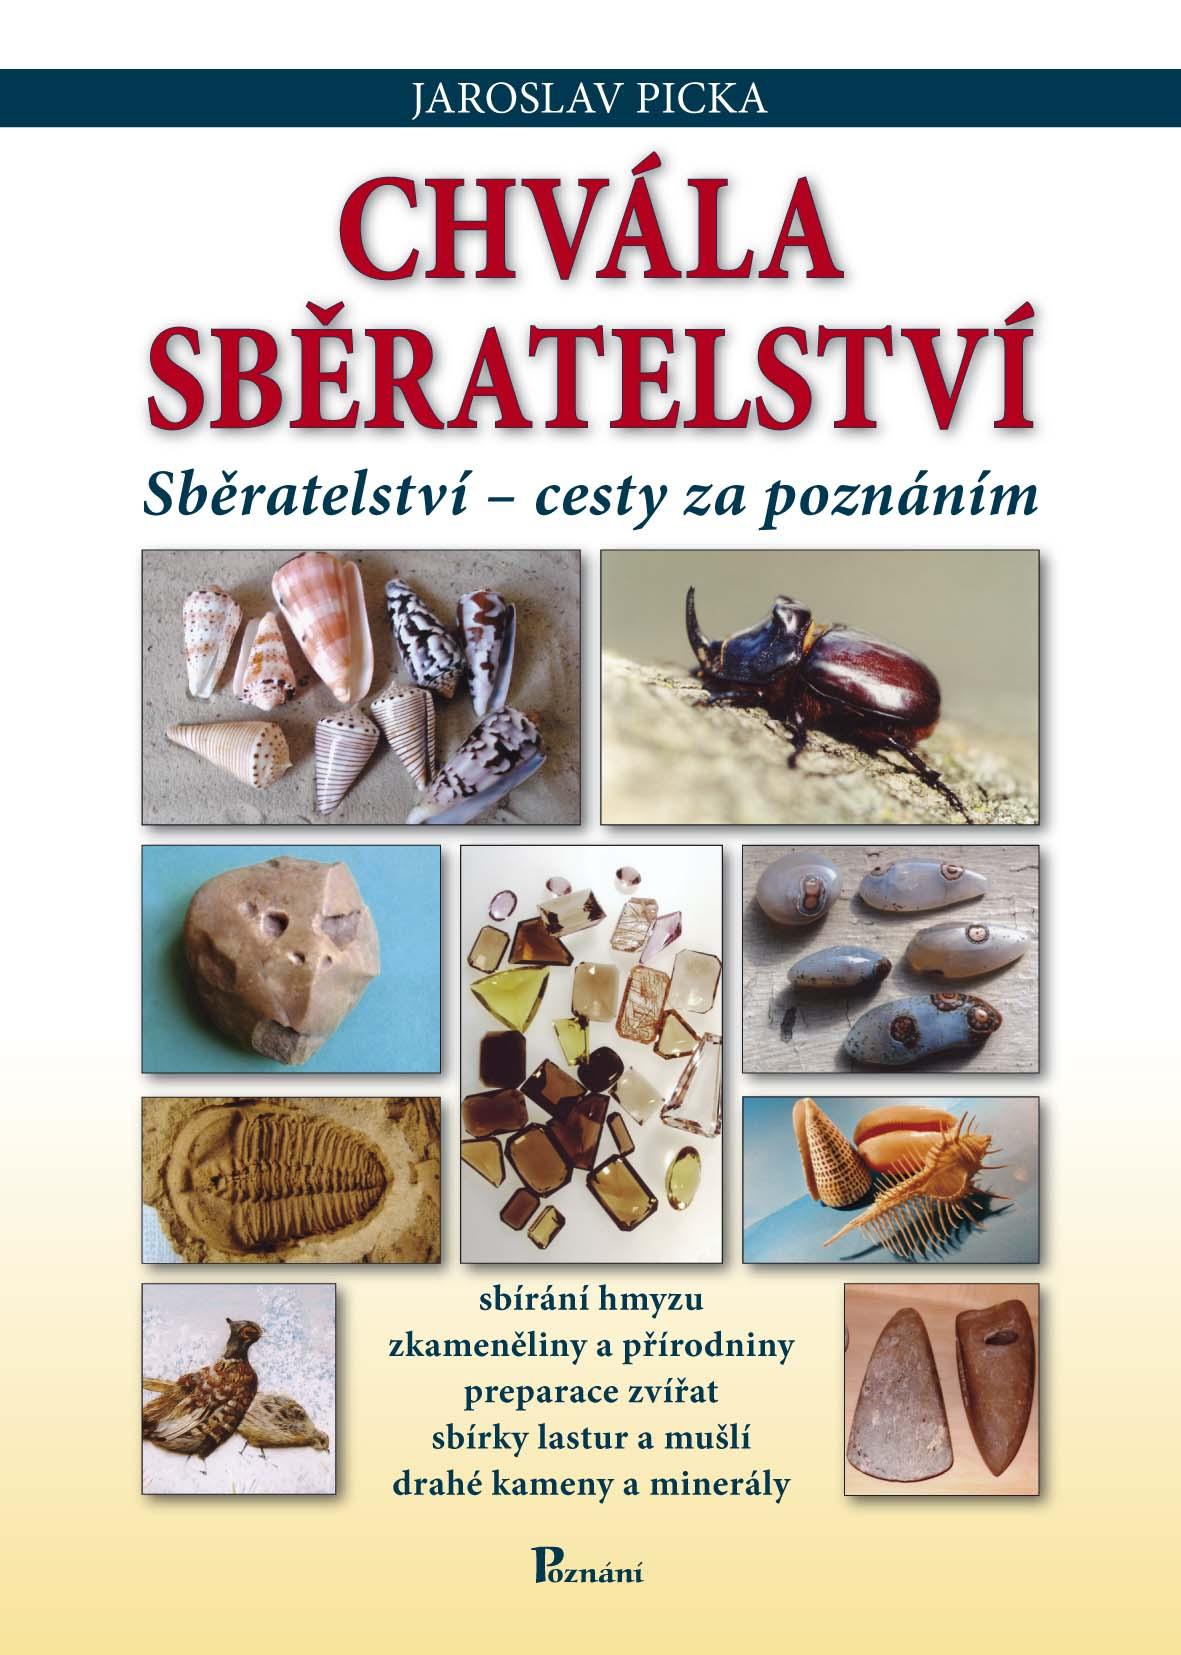 Chvála sběratelství - sbírání hmyzu, zkamenělin a přírodnin, drahých kamenů a minerálů, lastur a mušlí